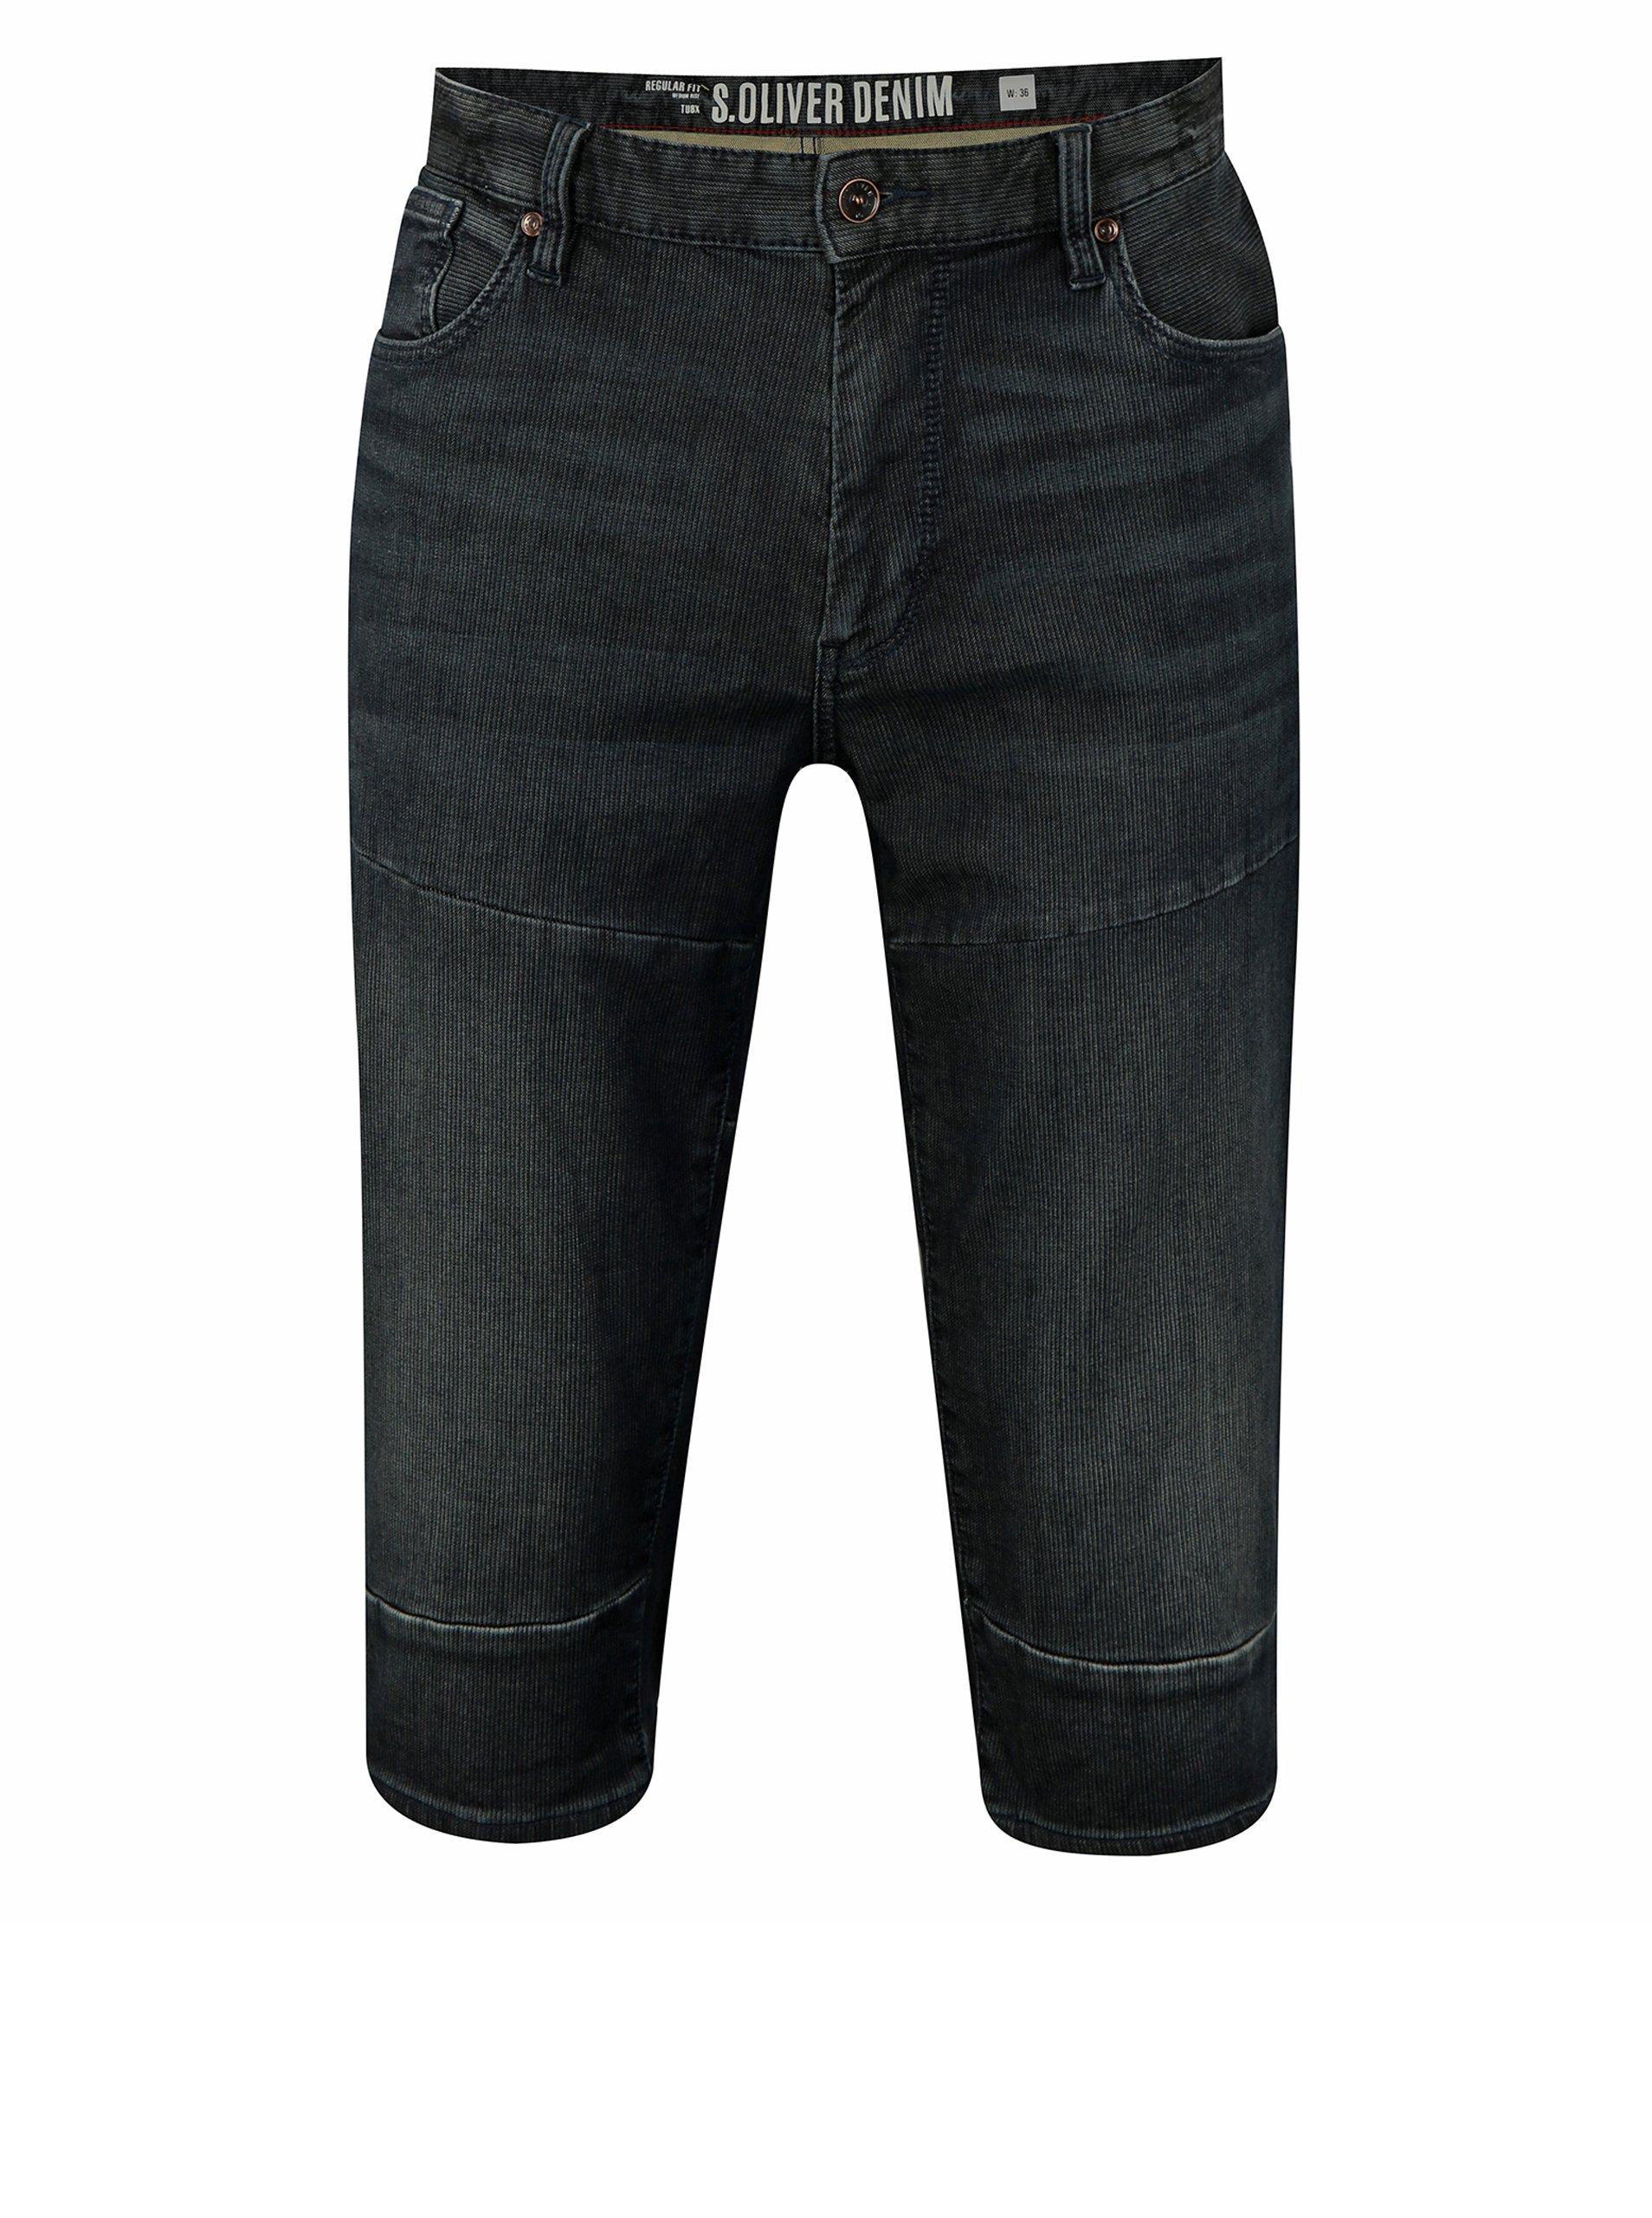 Tmavě modré pánské džínové regular fit kraťasy s.Oliver 380a5c6582